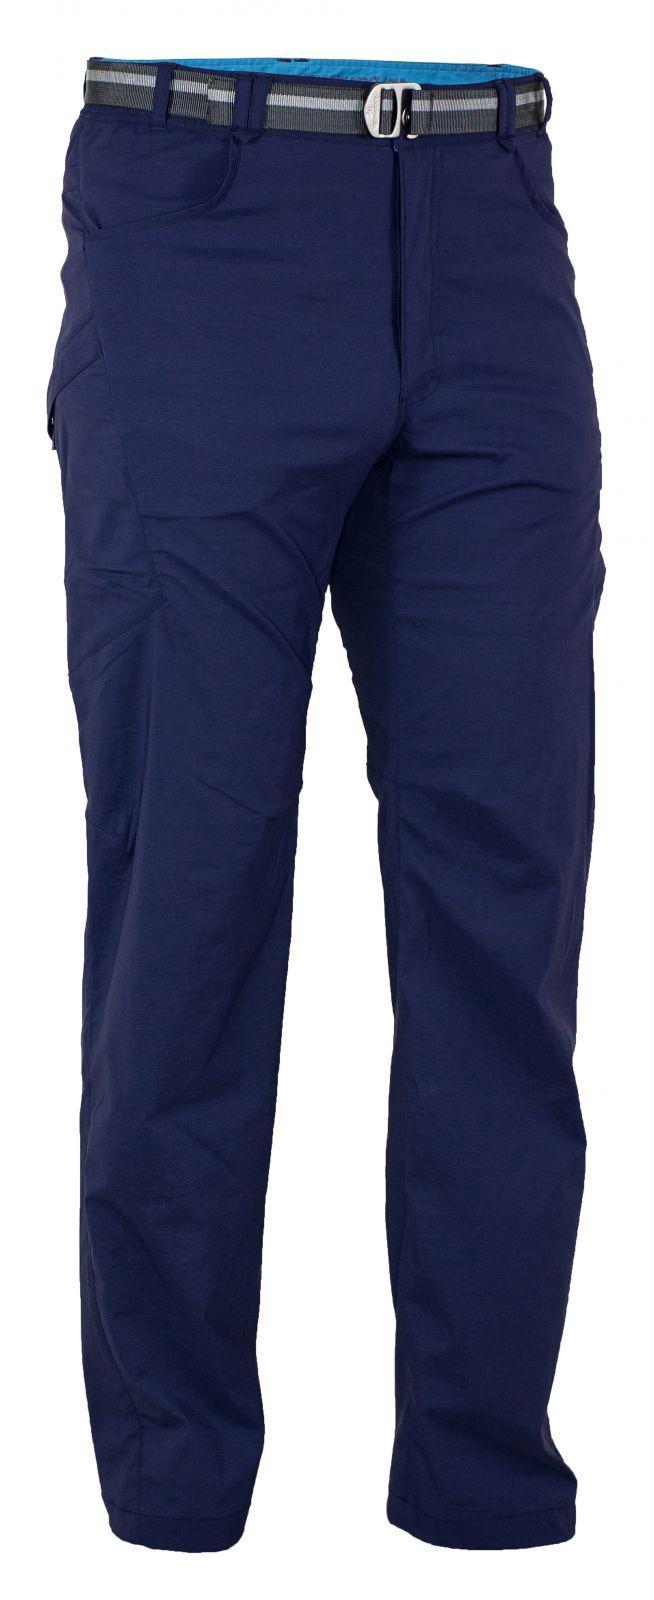 Warmpeace Flint Navy Pánské lehké kalhoty